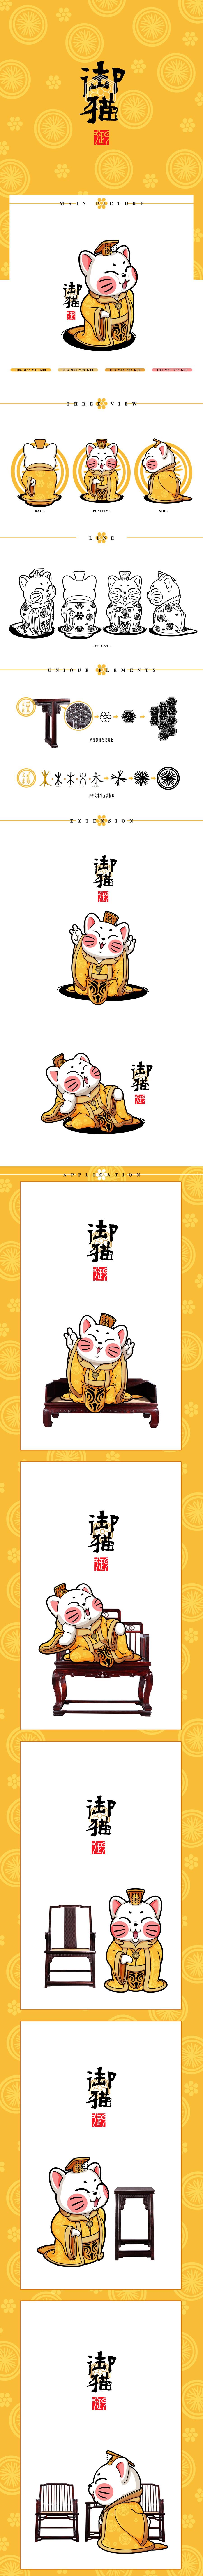 木卿 · 御猫